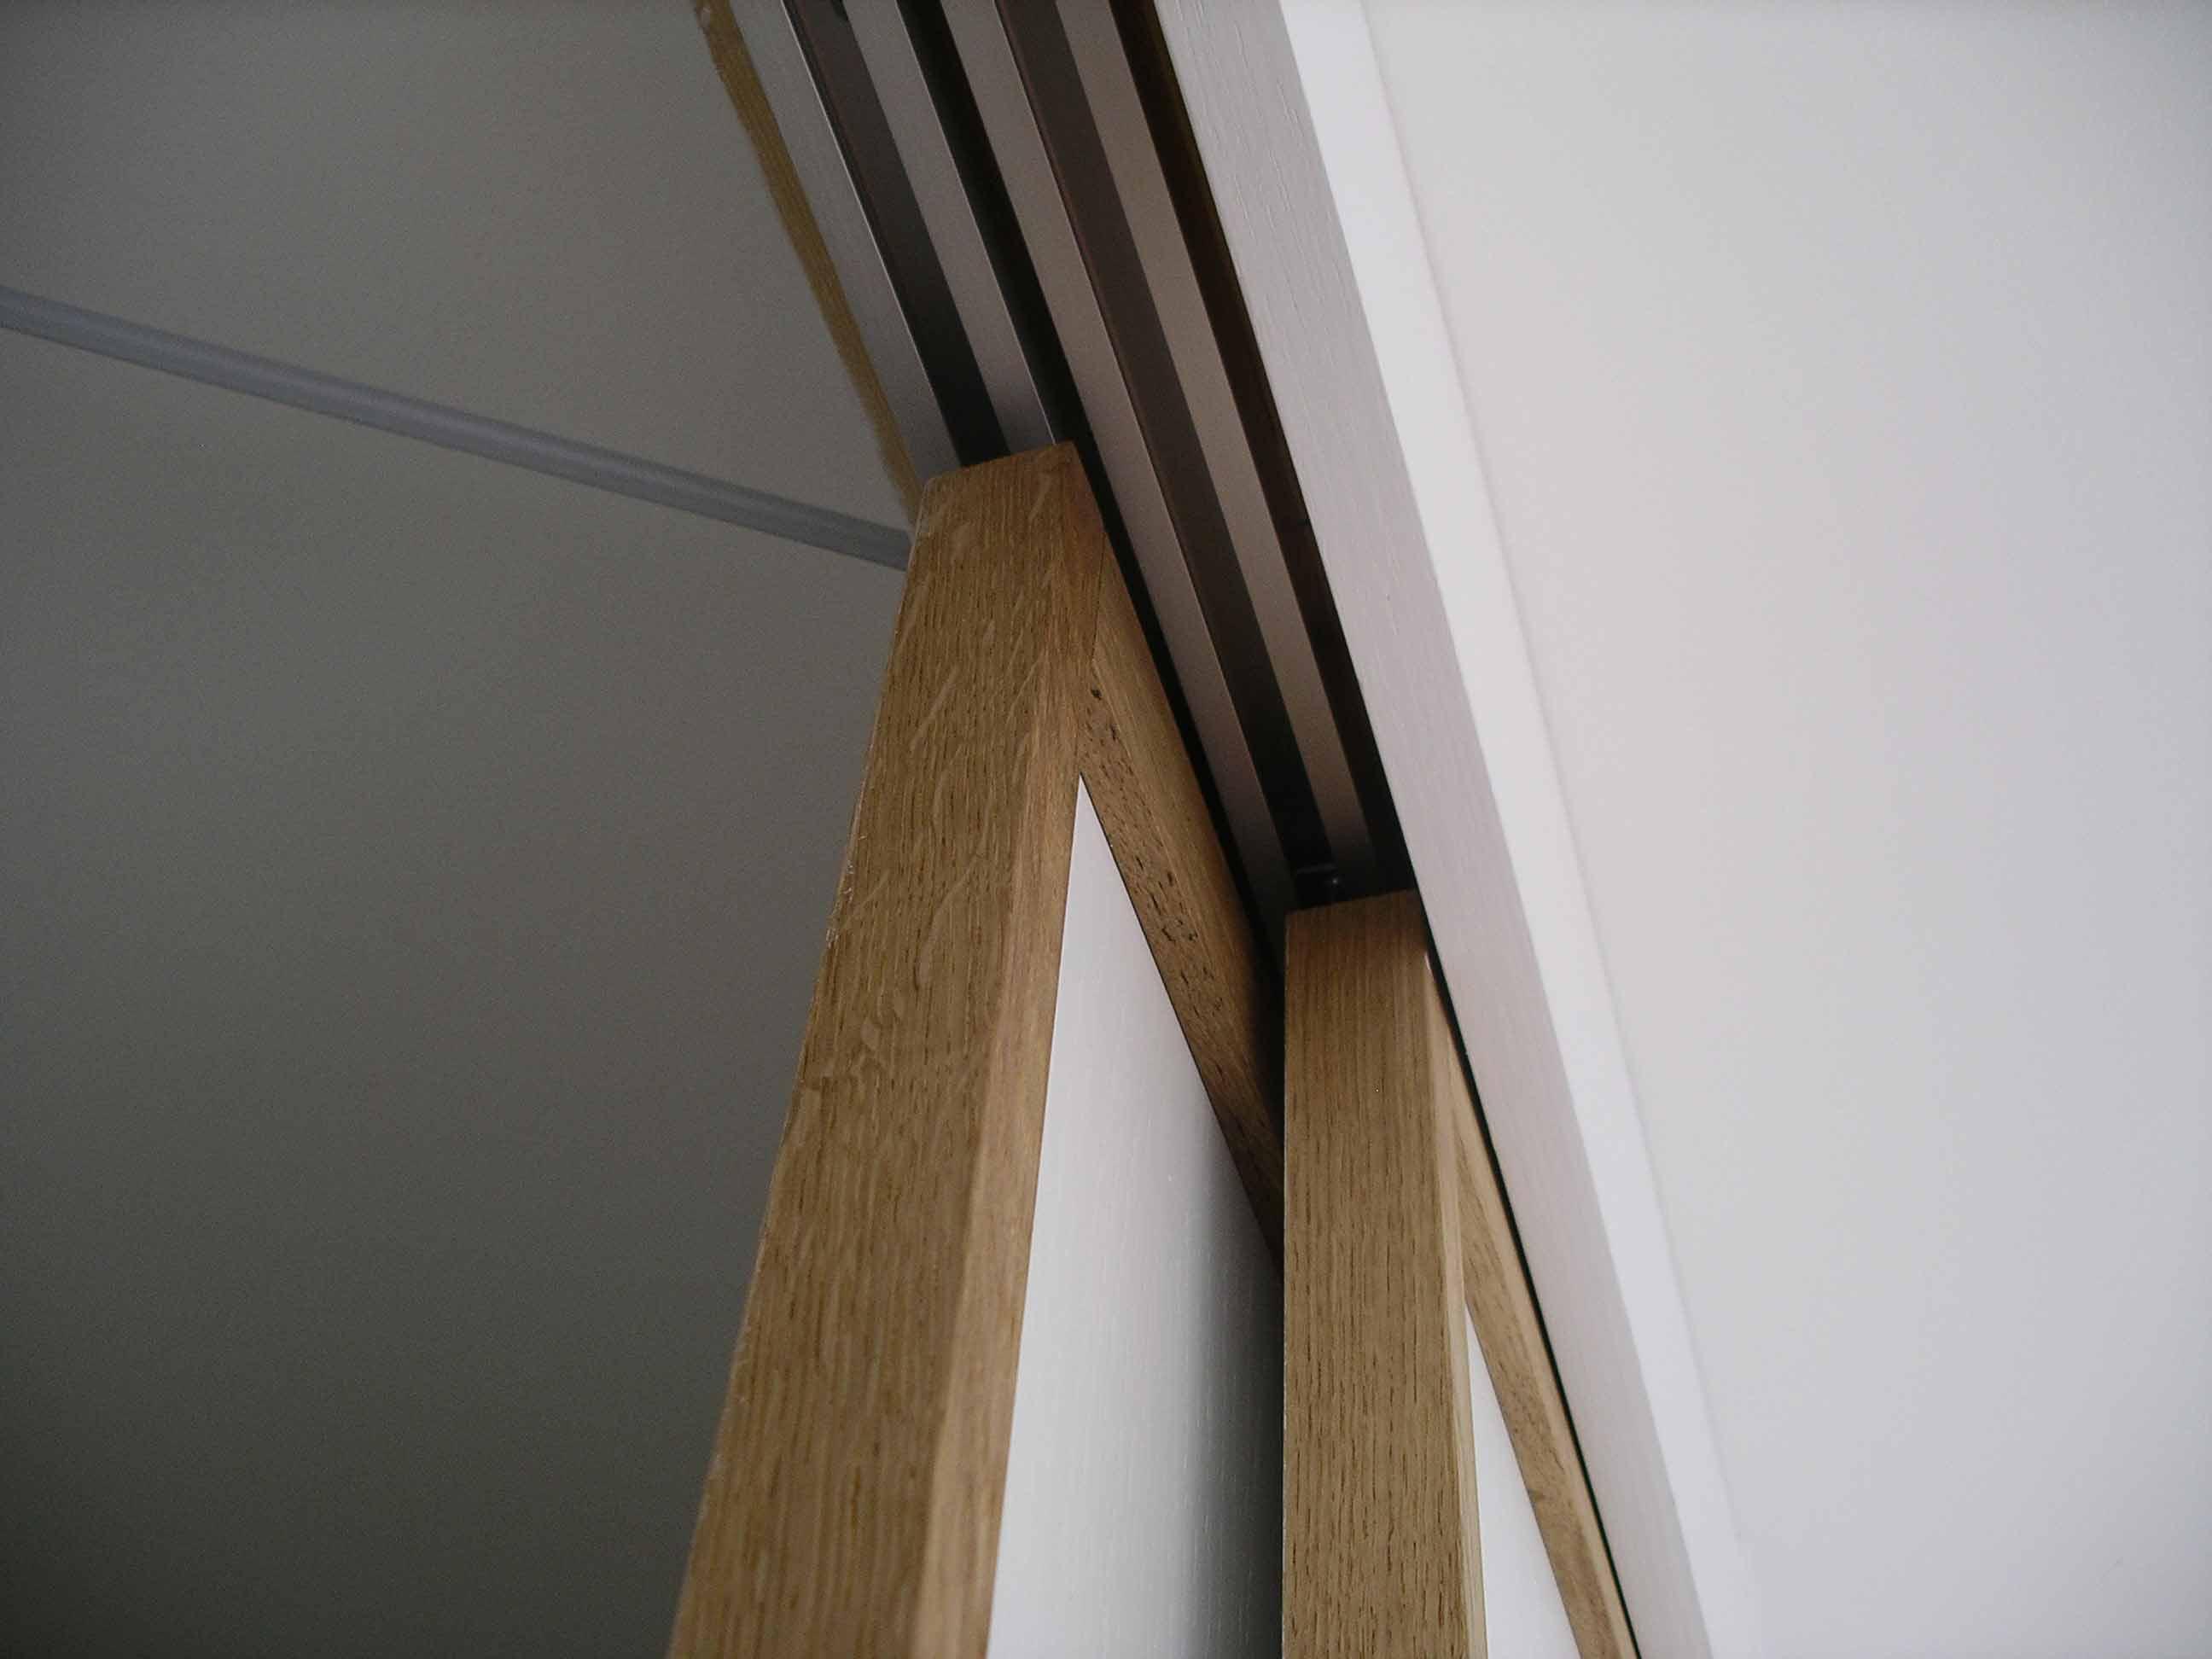 Japanese sliding doors bespoke made wardrobe by peter for Pareti giapponesi scorrevoli